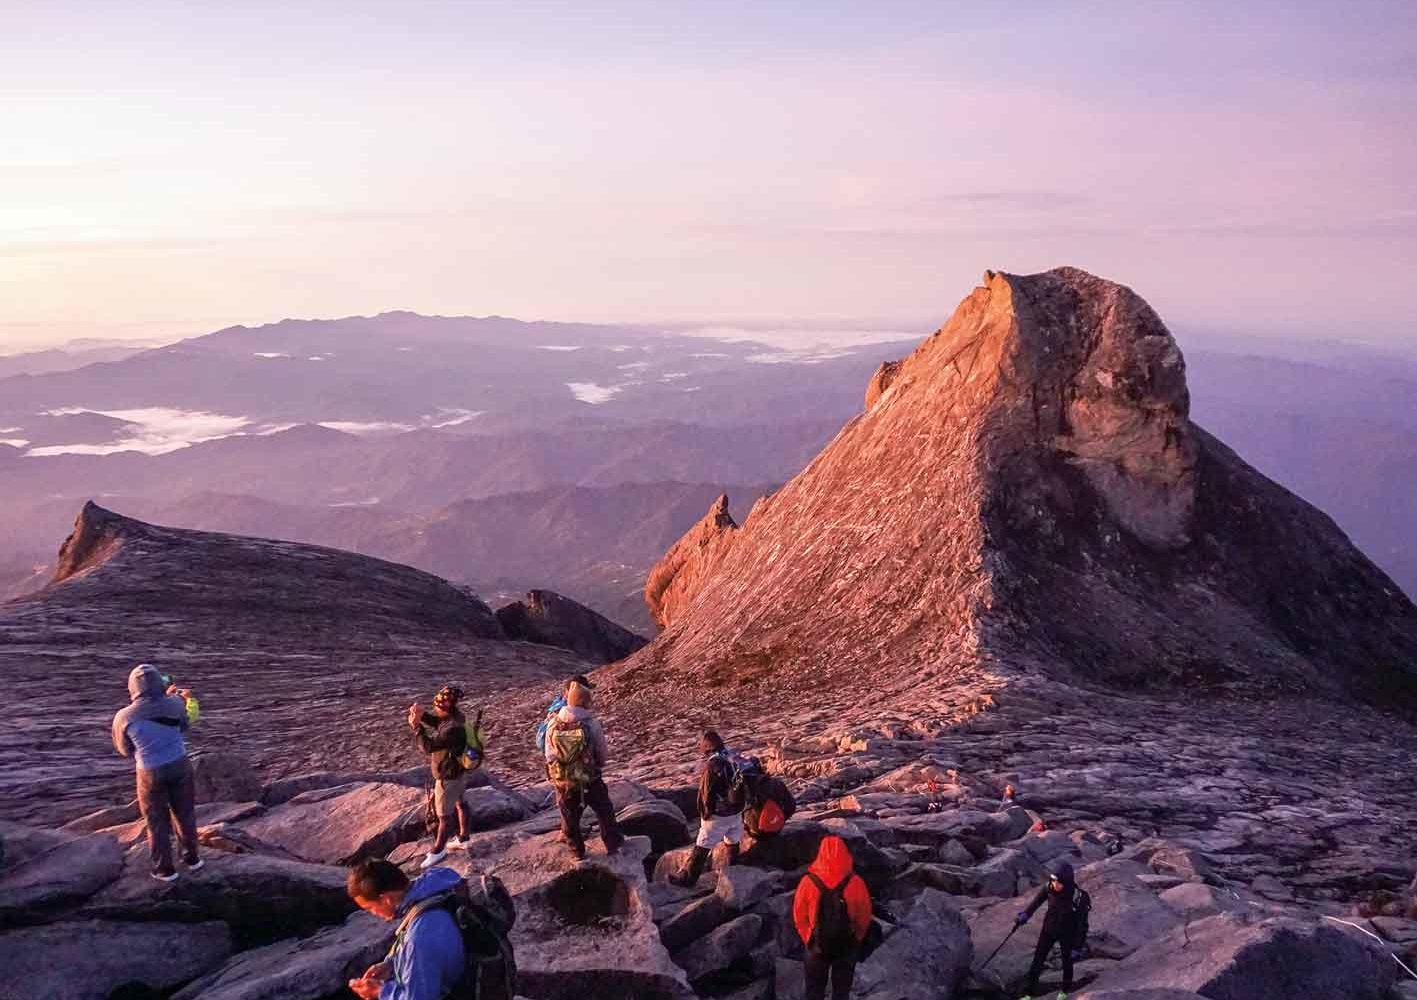 Freiweillige Besteigung des Mount Kinabalu, Borneo, Malaysia